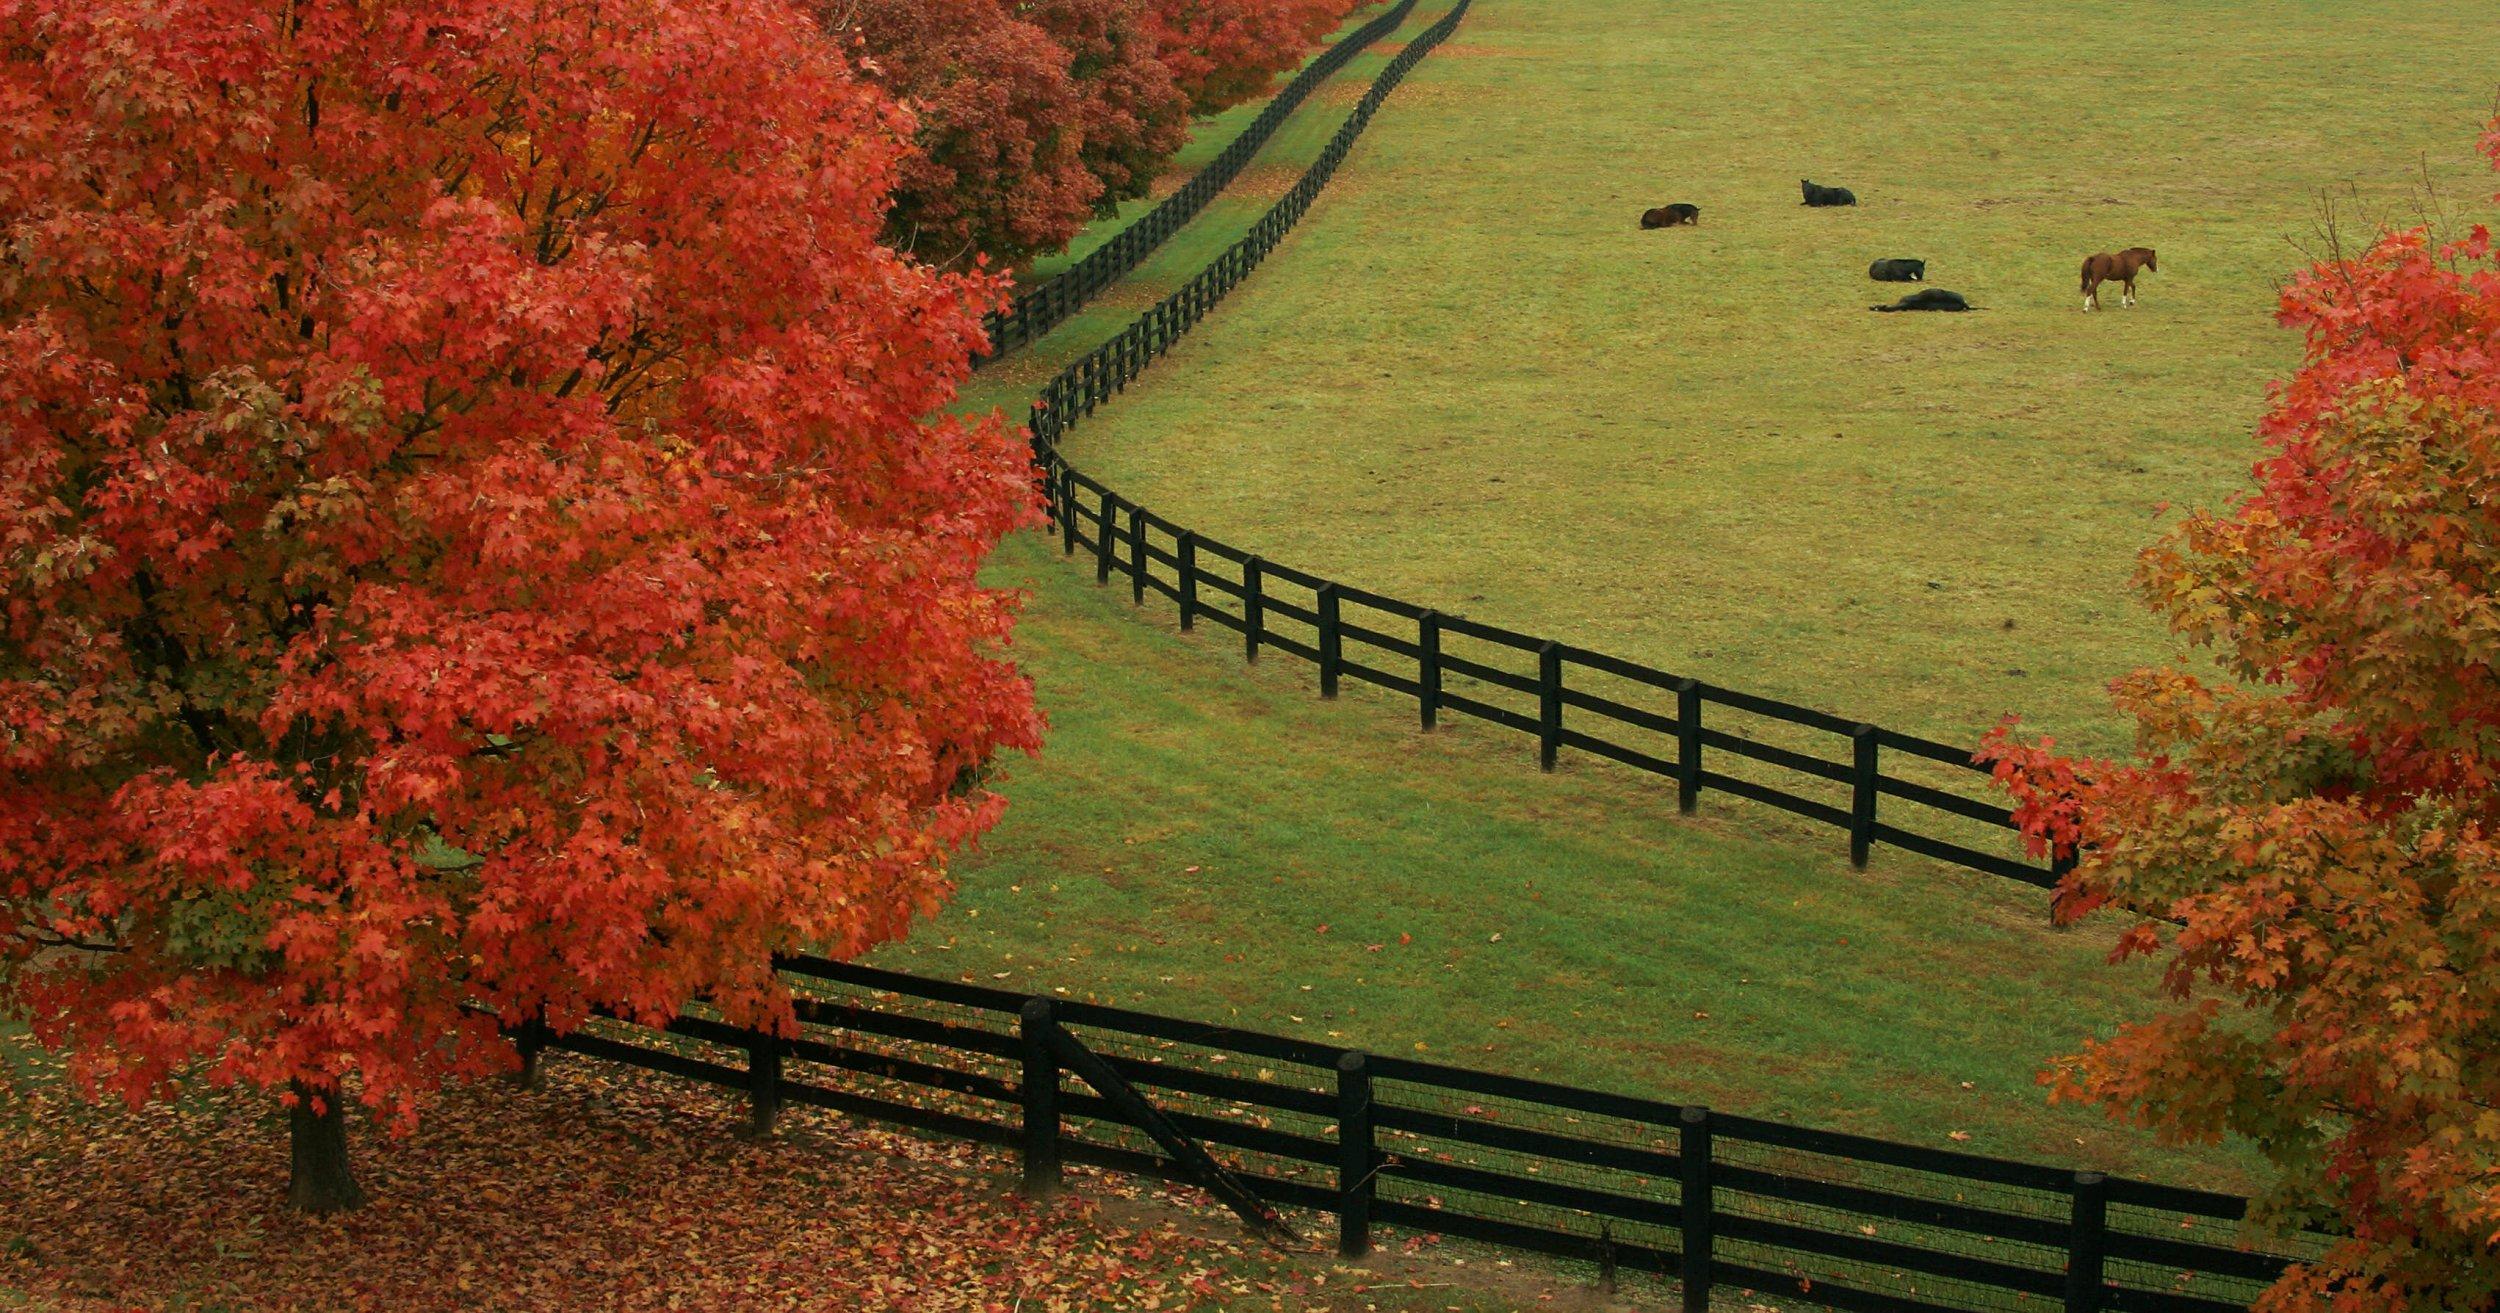 Mã trường vào mùa thu lá đỏ